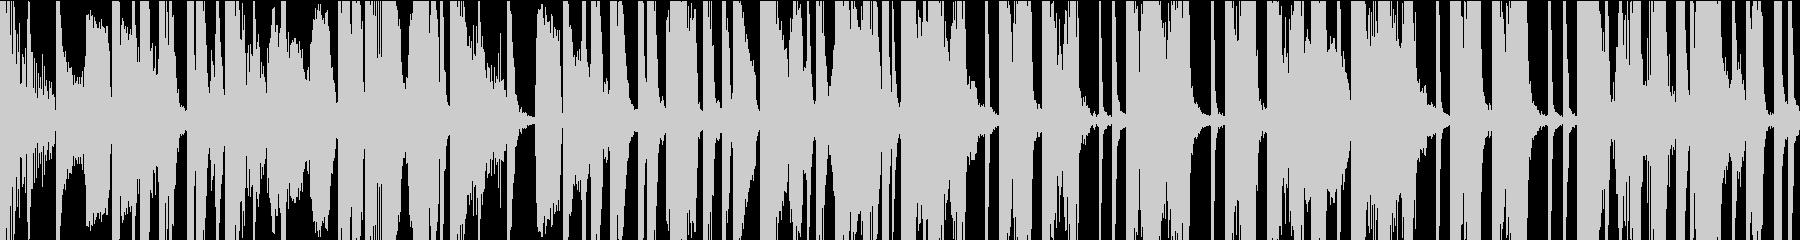 気怠気なボイパ ループの未再生の波形